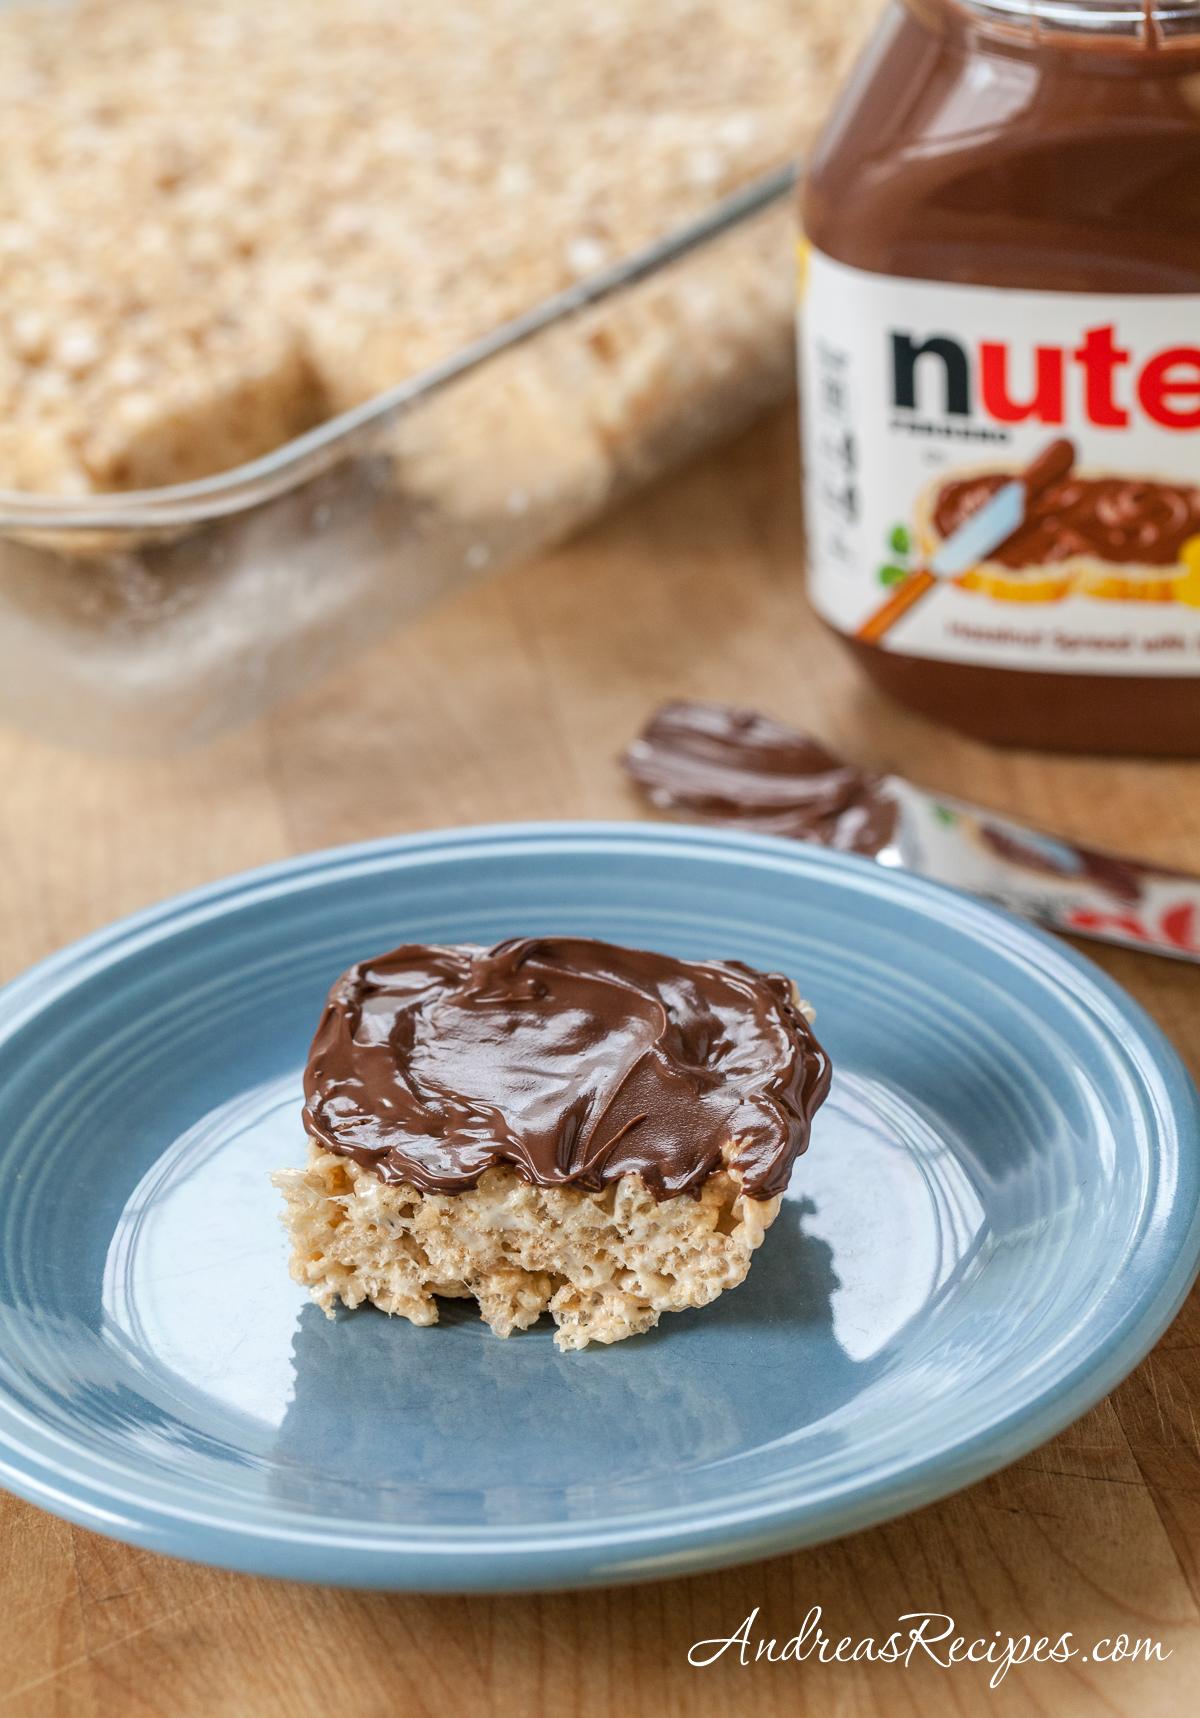 Rice Crispy Treats with Nutella - Andrea Meyers